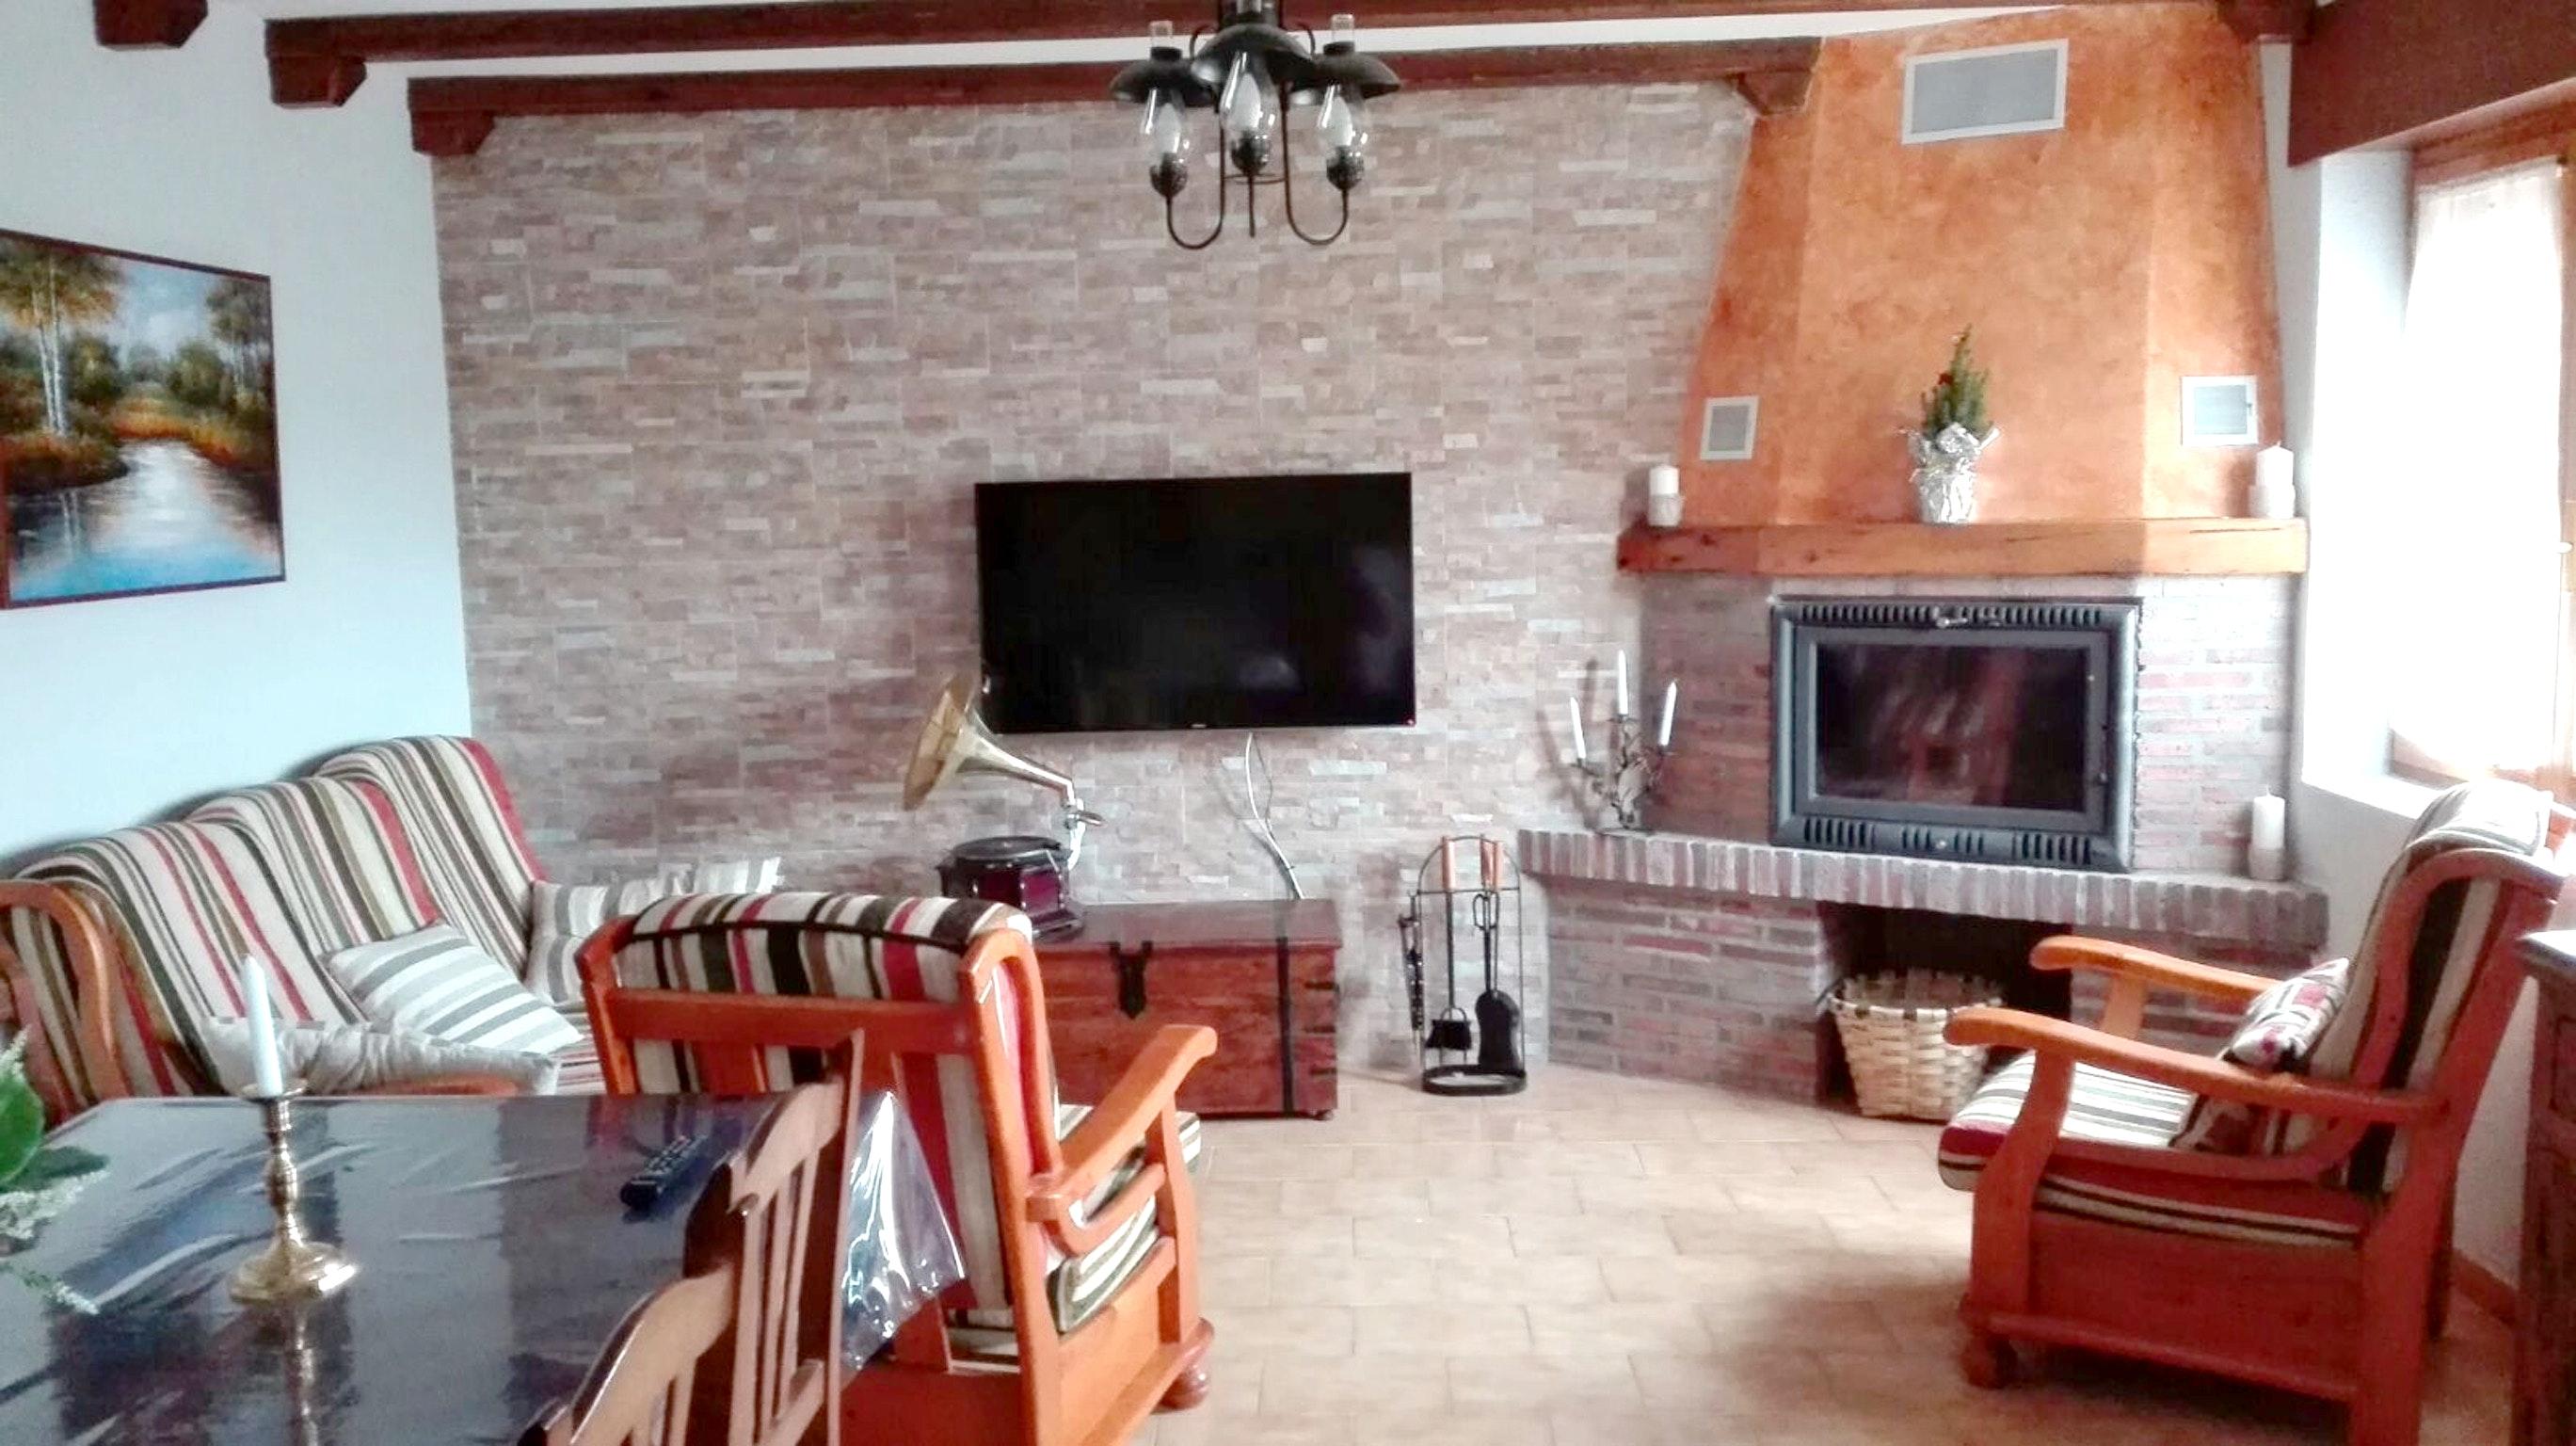 Ferienhaus Haus mit 3 Schlafzimmern in Peral de Arlanza mit eingezäuntem Garten (2201640), Peral de Arlanza, Palencia, Kastilien-León, Spanien, Bild 4